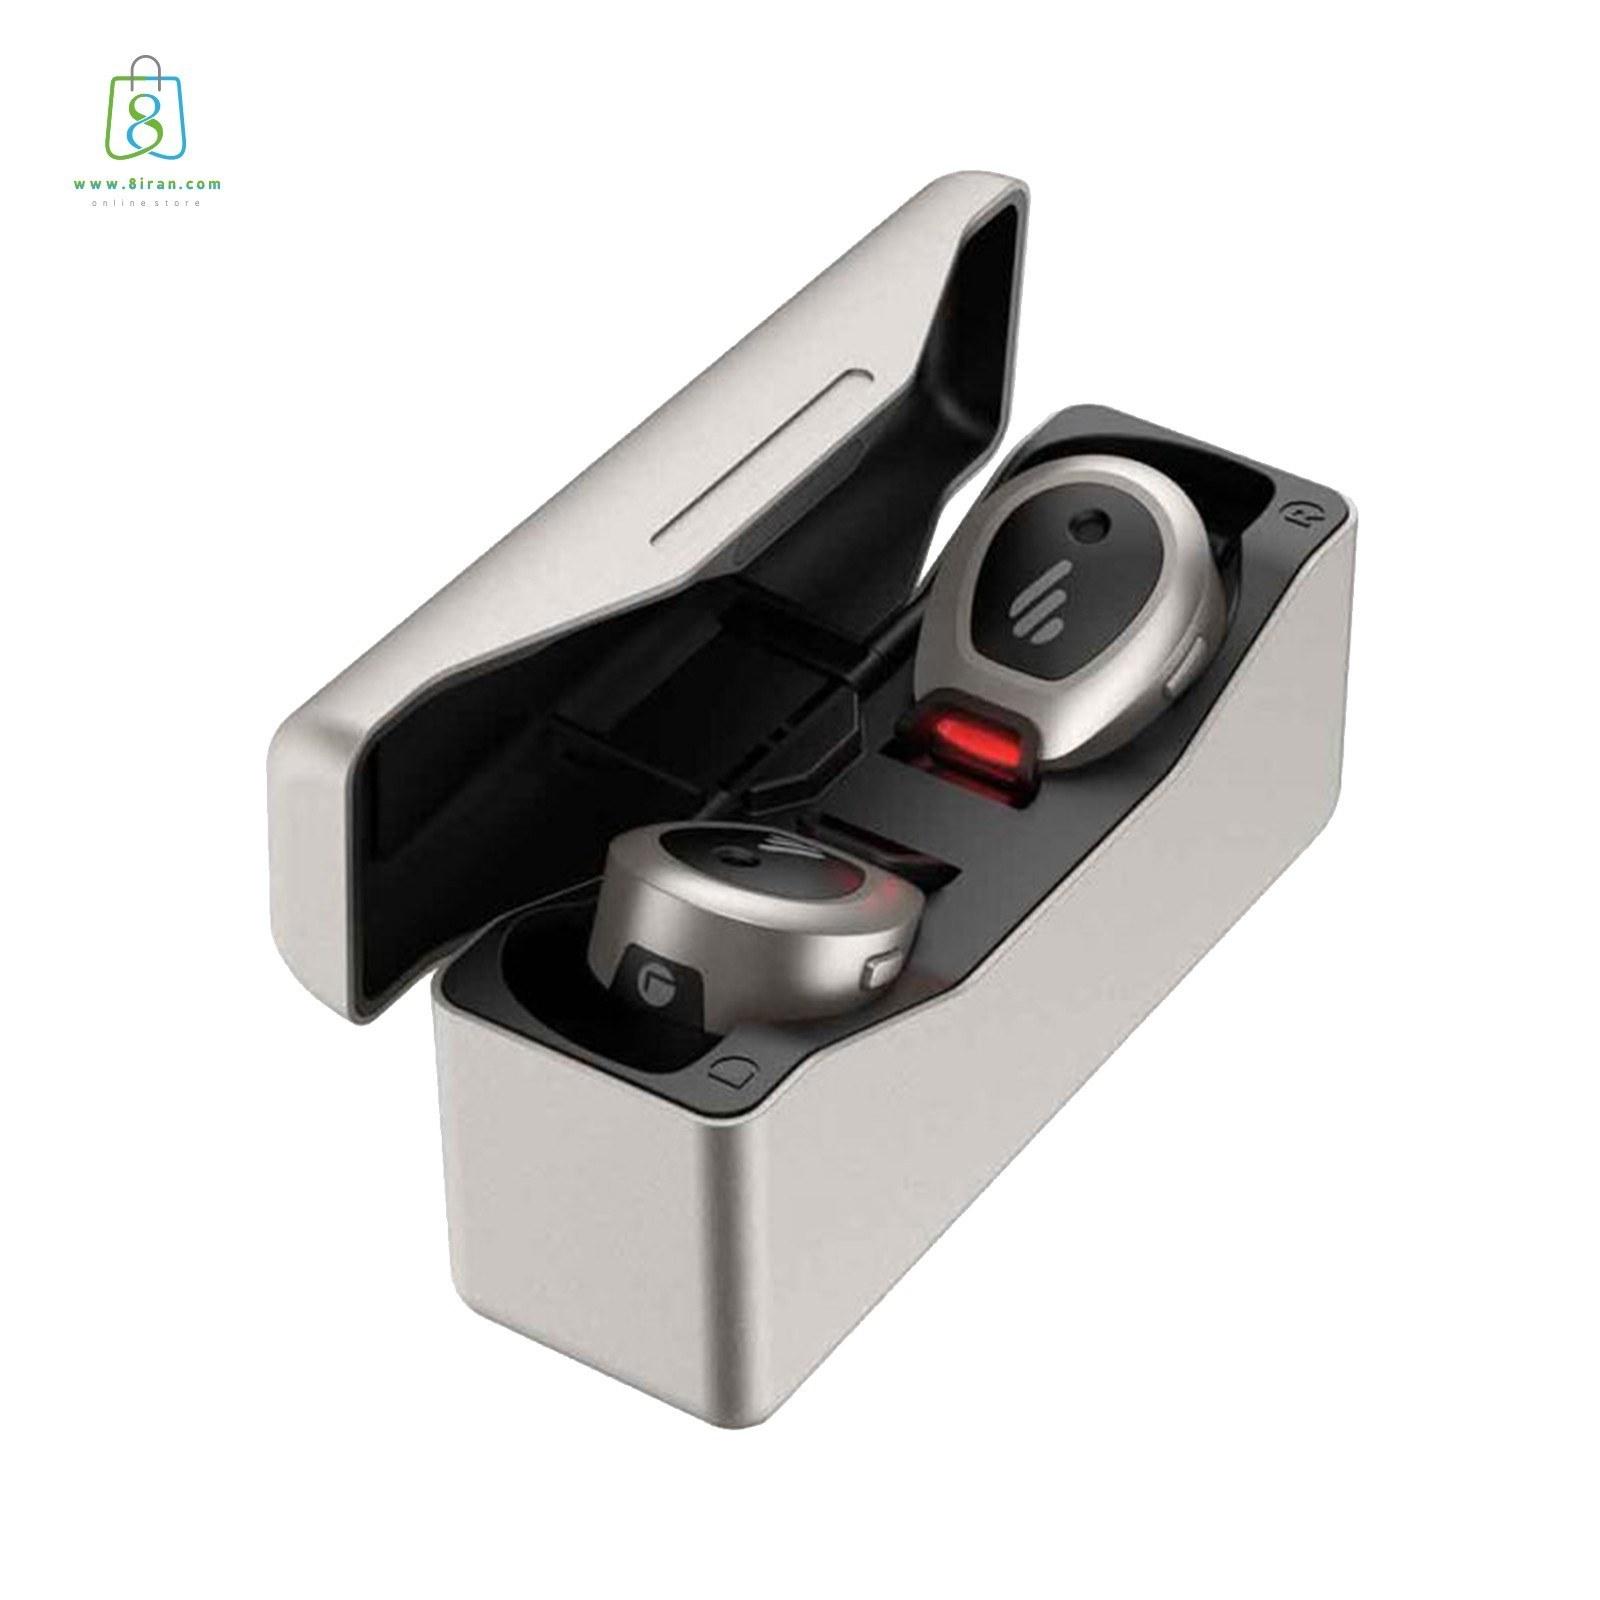 تصویر هندزفری بلوتوثی ادیفایر مدل TWS NB TWS NB model Bluetooth handsfree